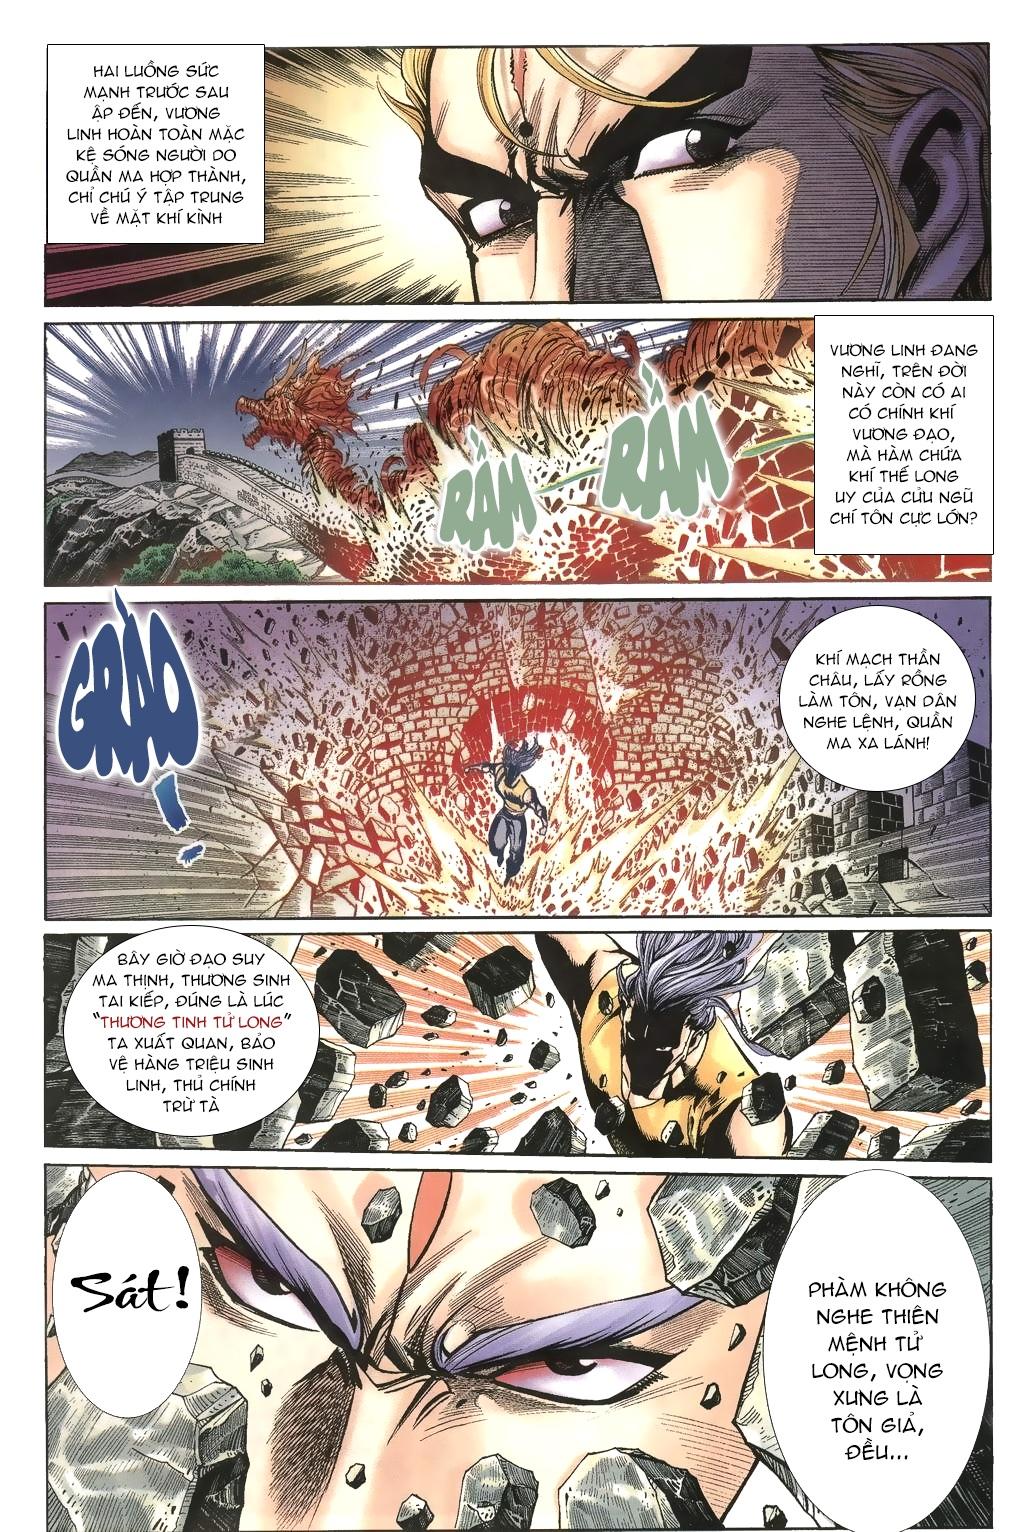 Thiên Hạ Vô Địch Lão Tổ Tông chap 1 - Trang 18